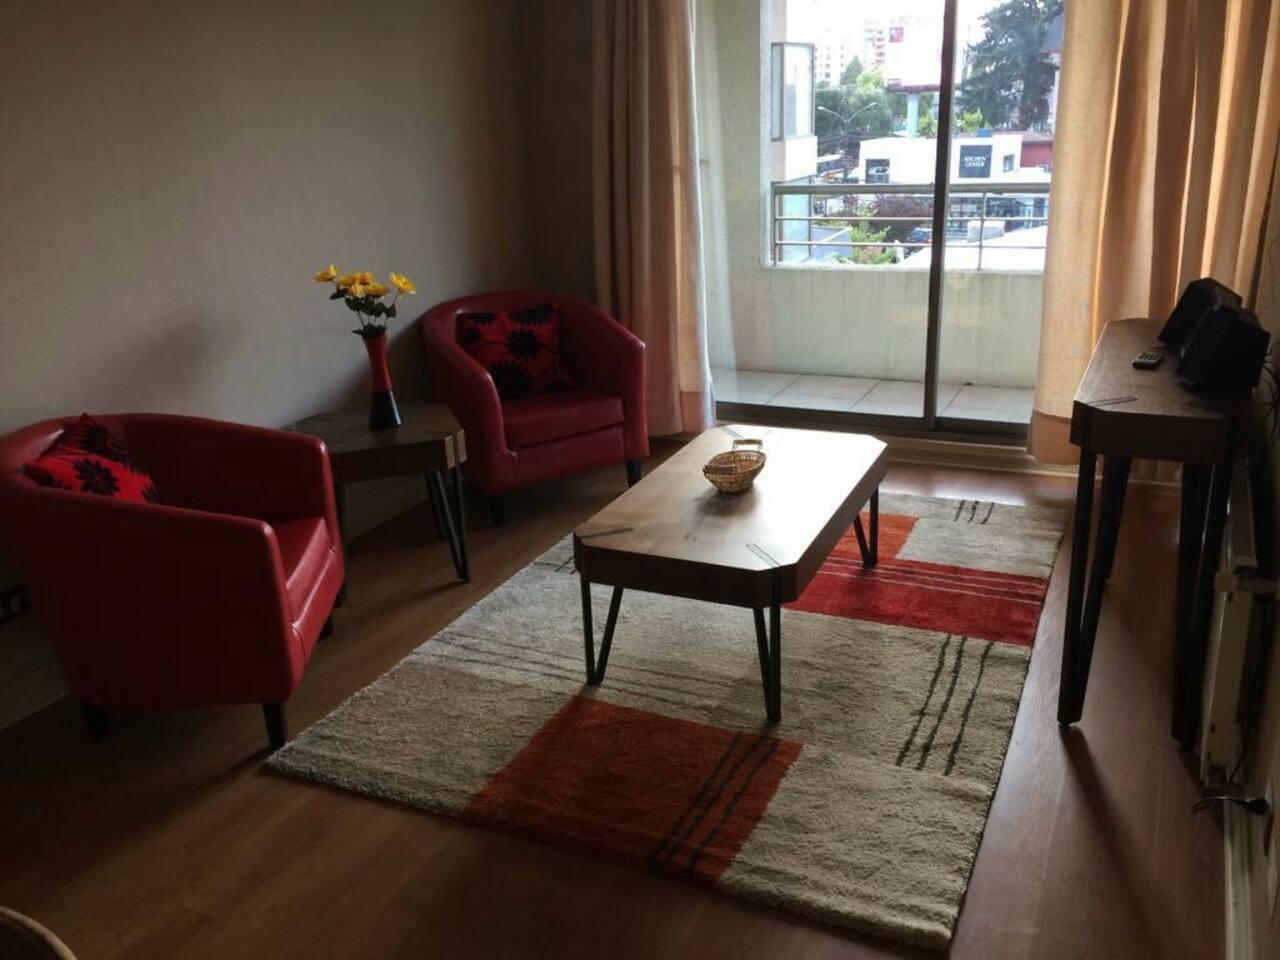 Arriendo Diario Temuco Apartments For Rent In Temuco Ix Regi N  # Muebles Mabelen Temuco